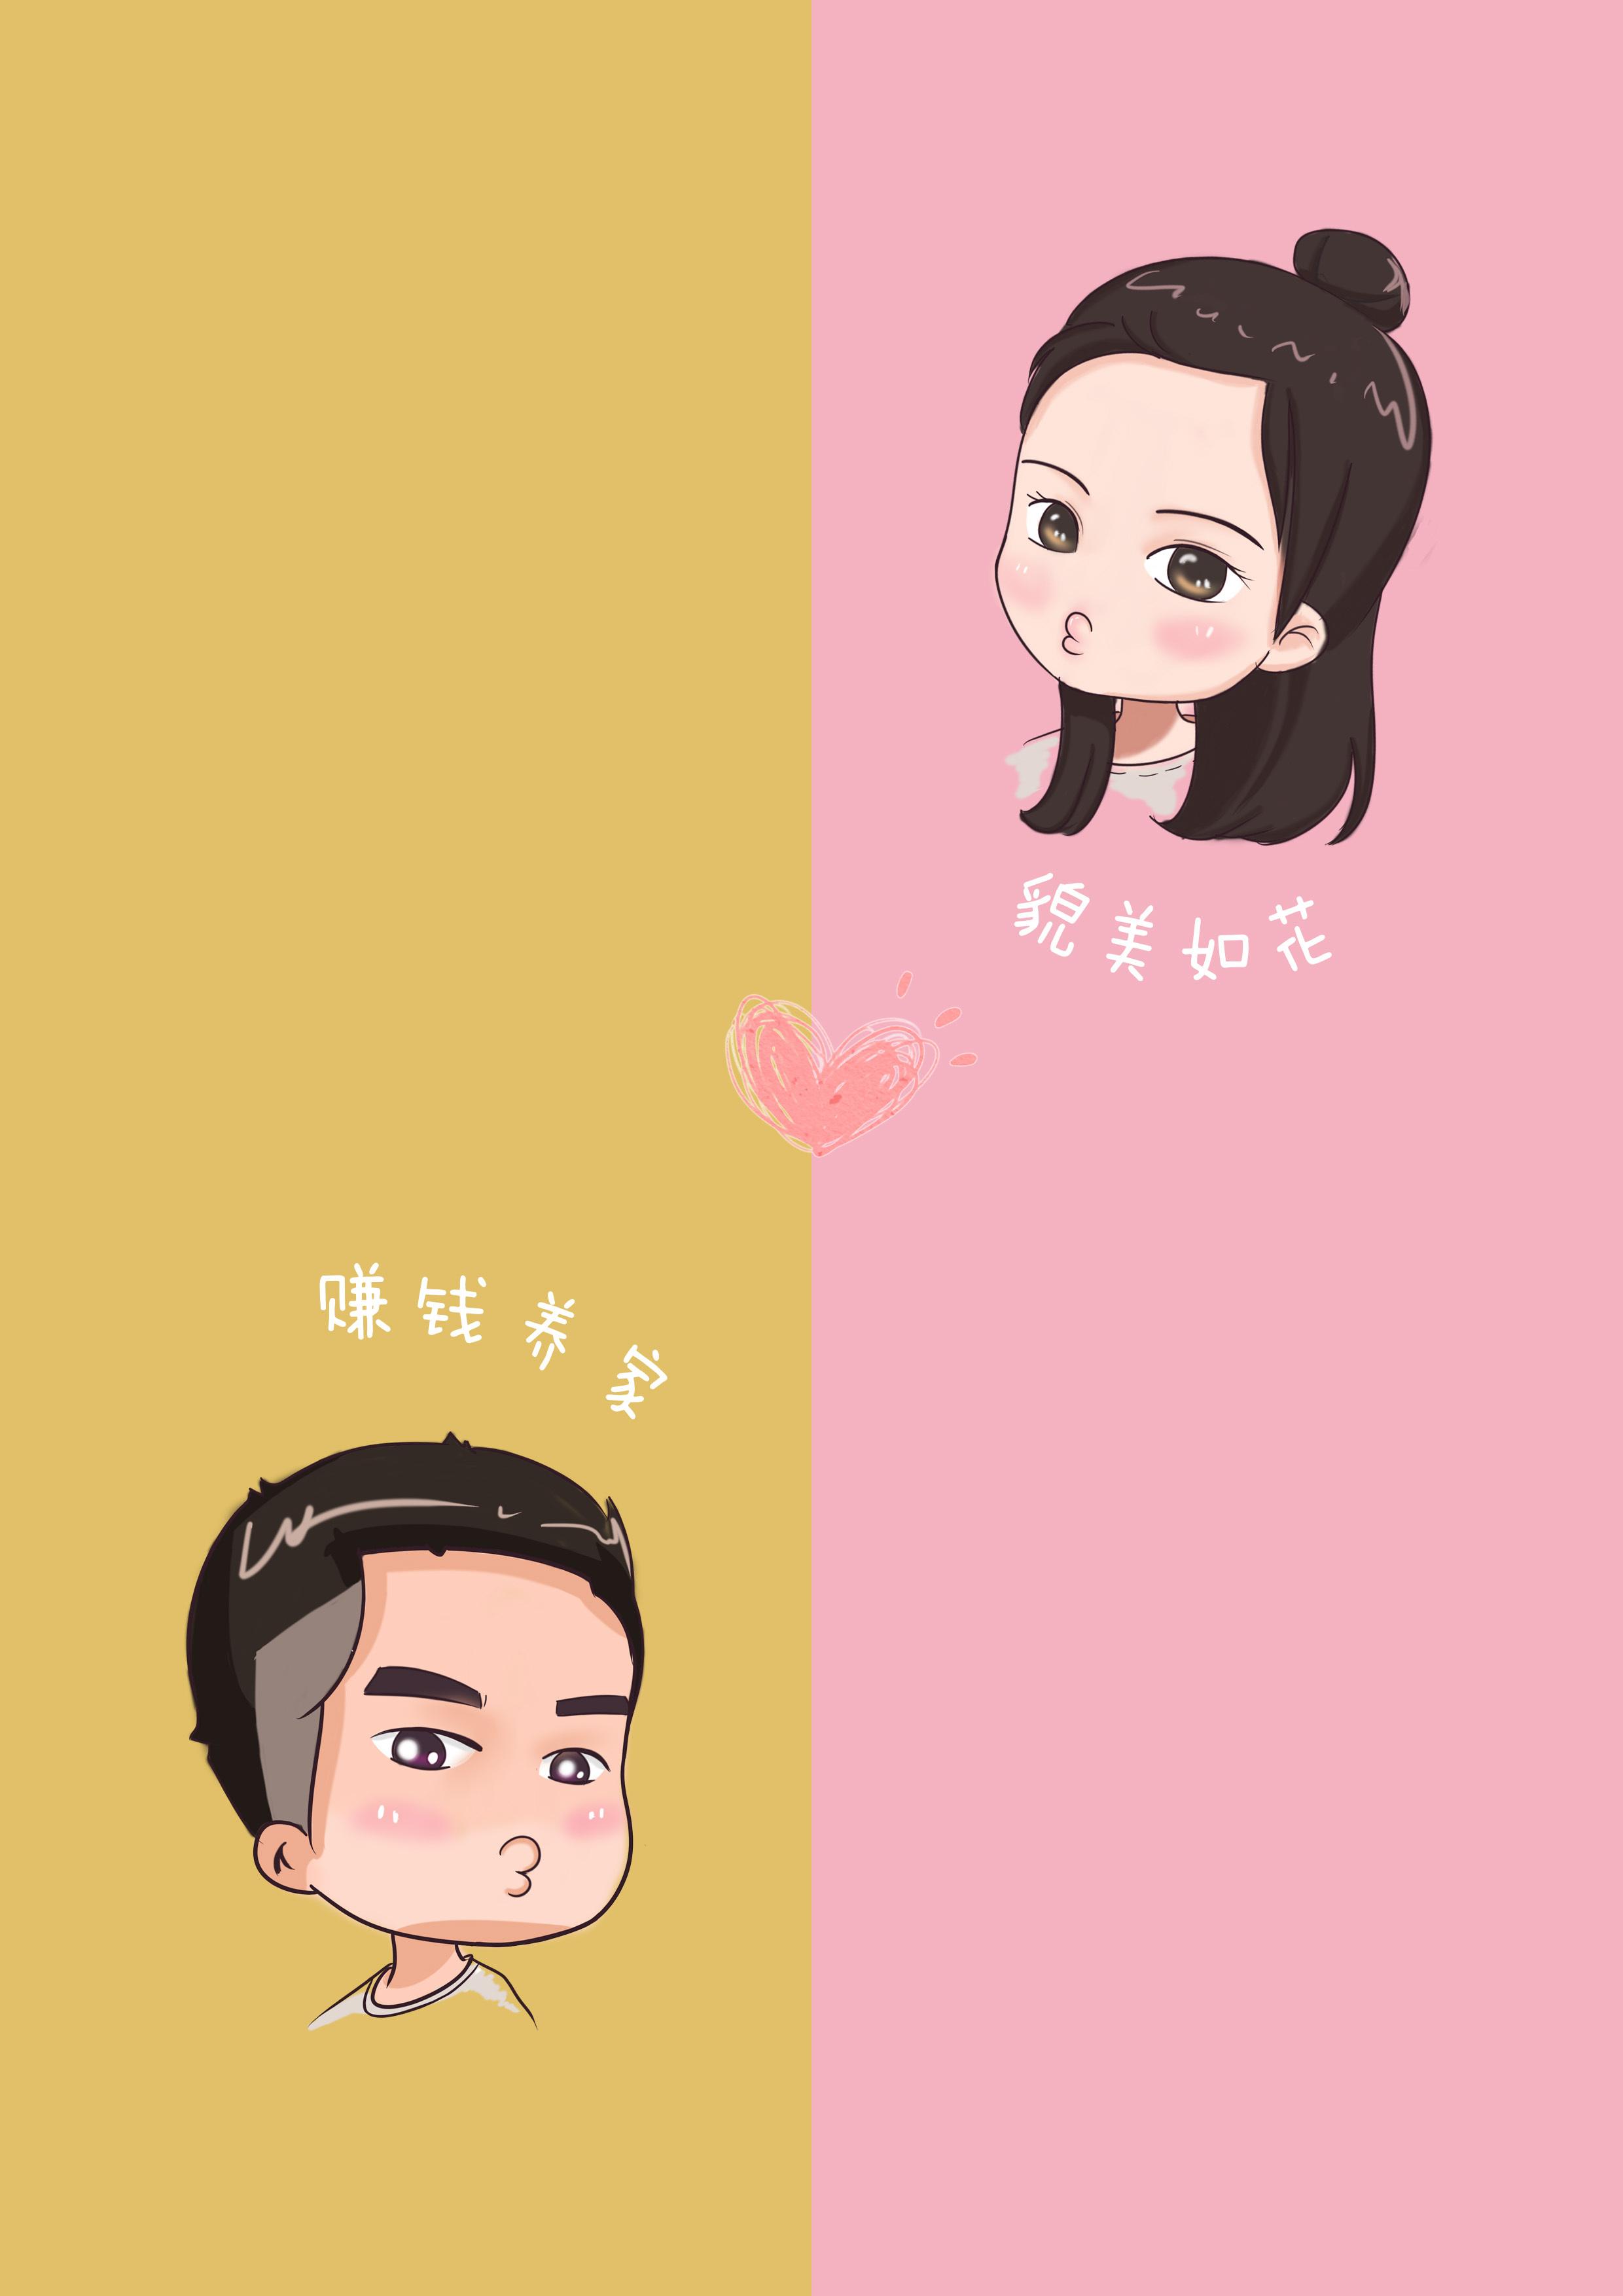 手绘情侣头像|动漫|肖像漫画|ena93 - 原创作品